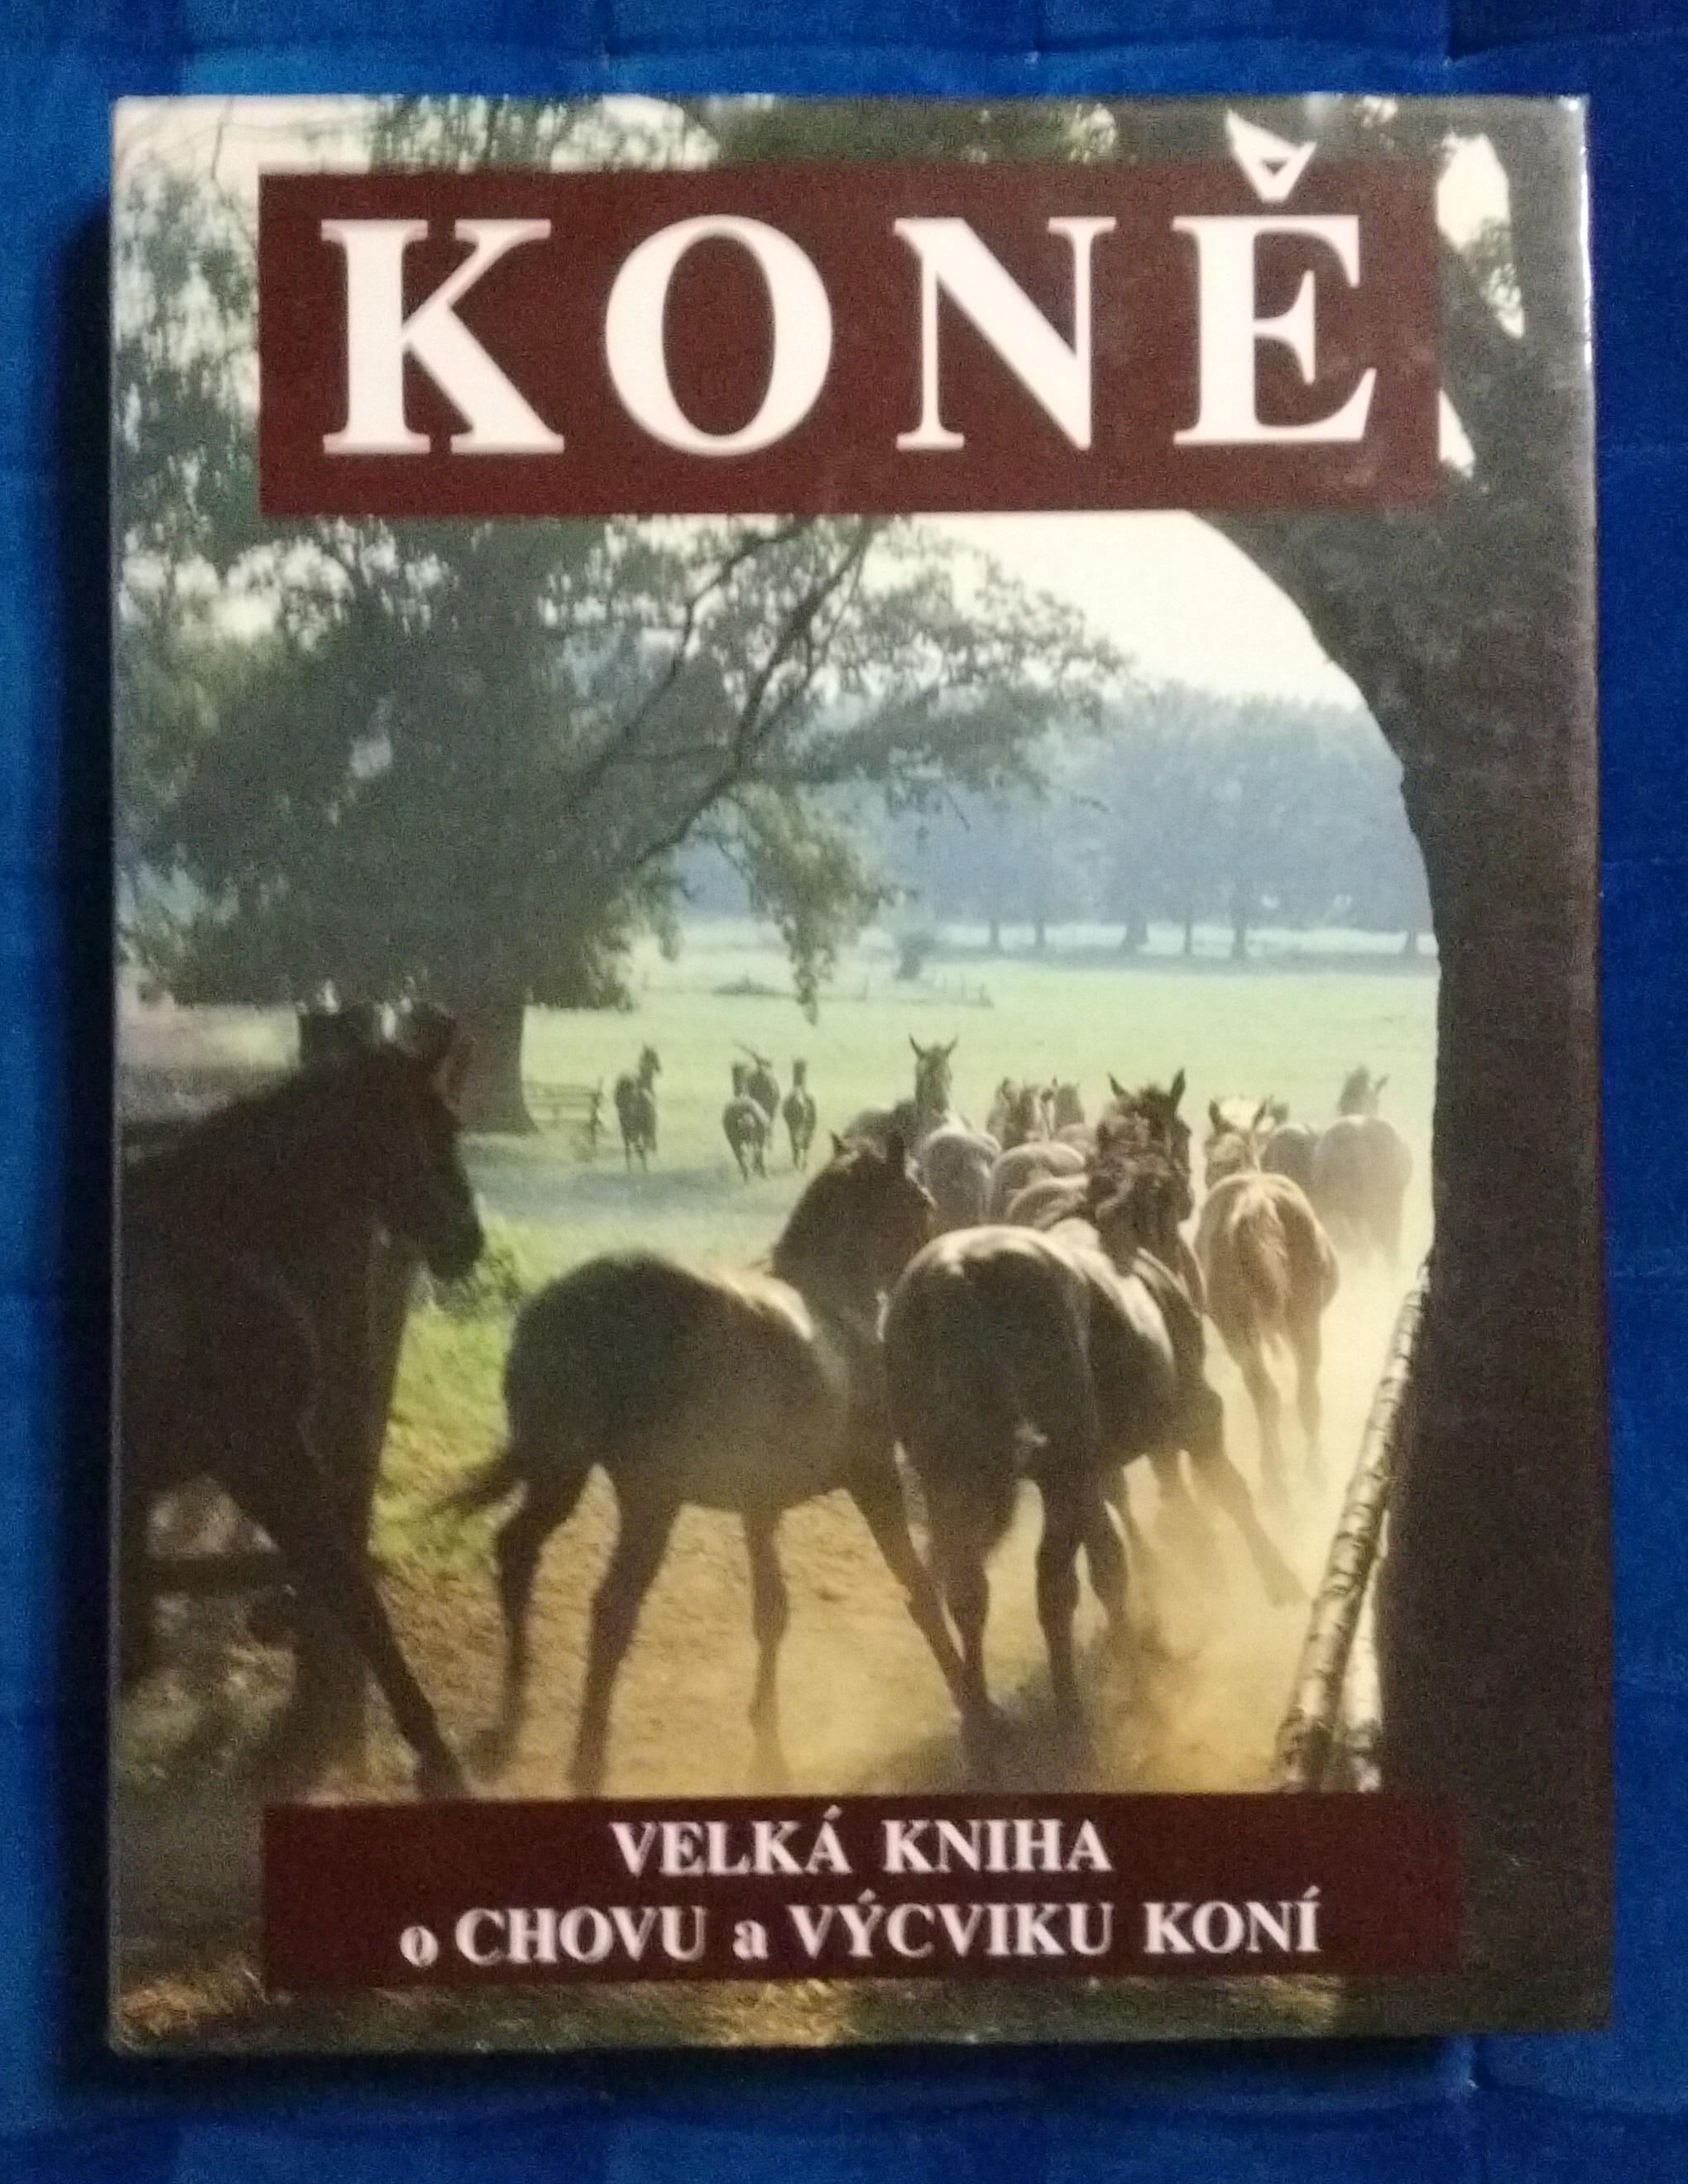 Koně, velká kniha o chovu a výcviku koní